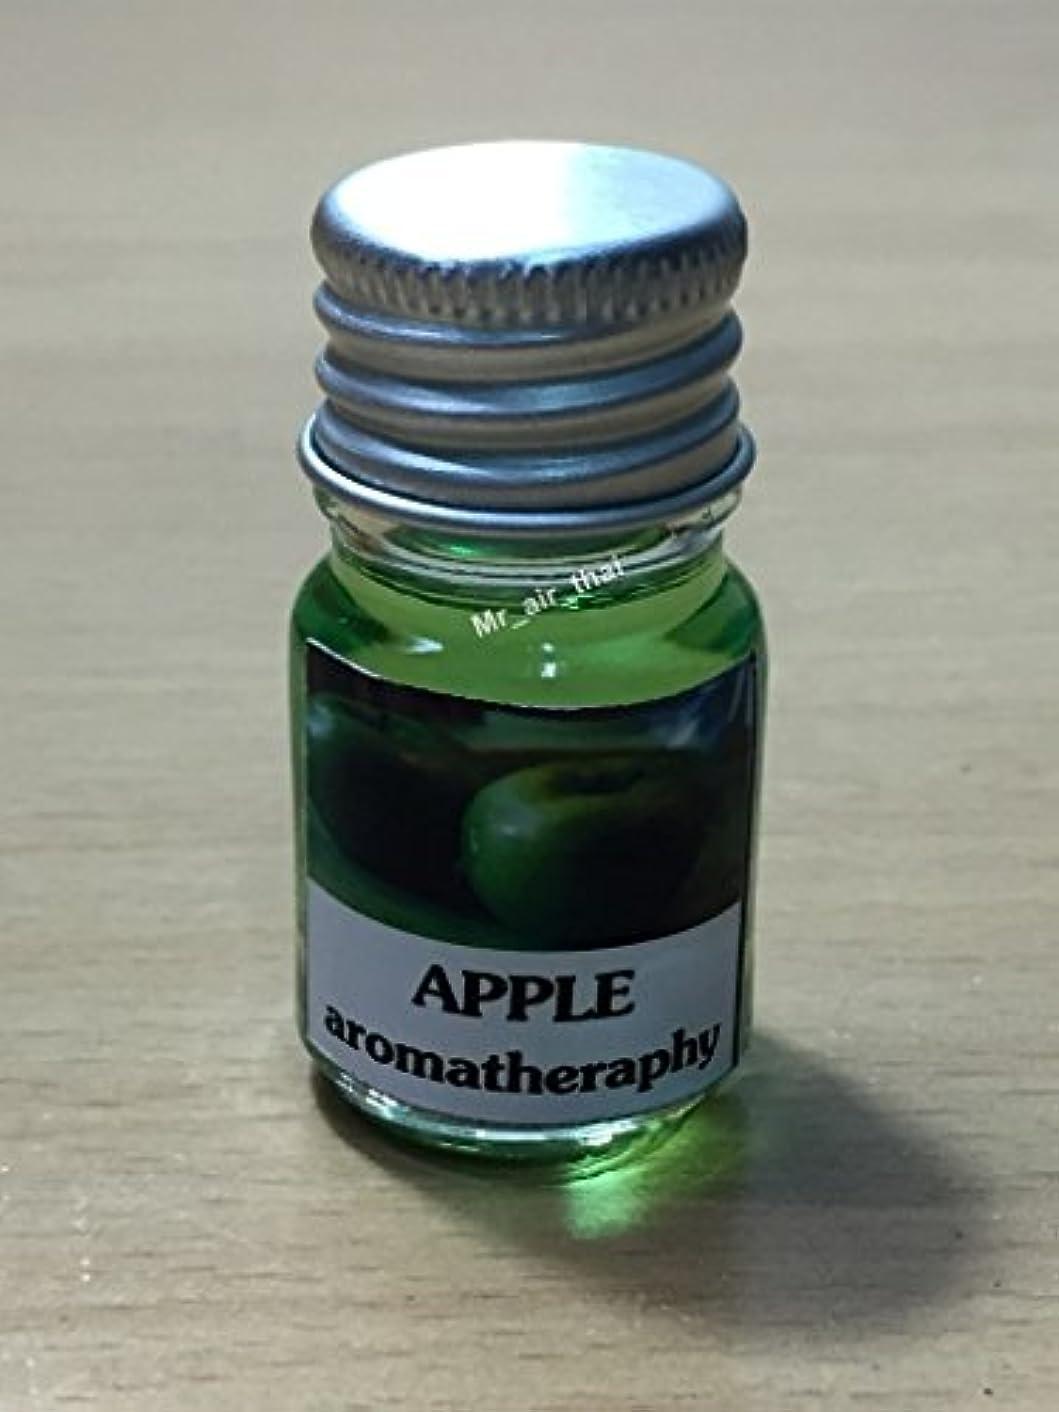 フランクワースリーライオン辛い5ミリリットルアロマアップル(グリーン)フランクインセンスエッセンシャルオイルボトルアロマテラピーオイル自然自然5ml Aroma Apple (Green) Frankincense Essential Oil Bottles...